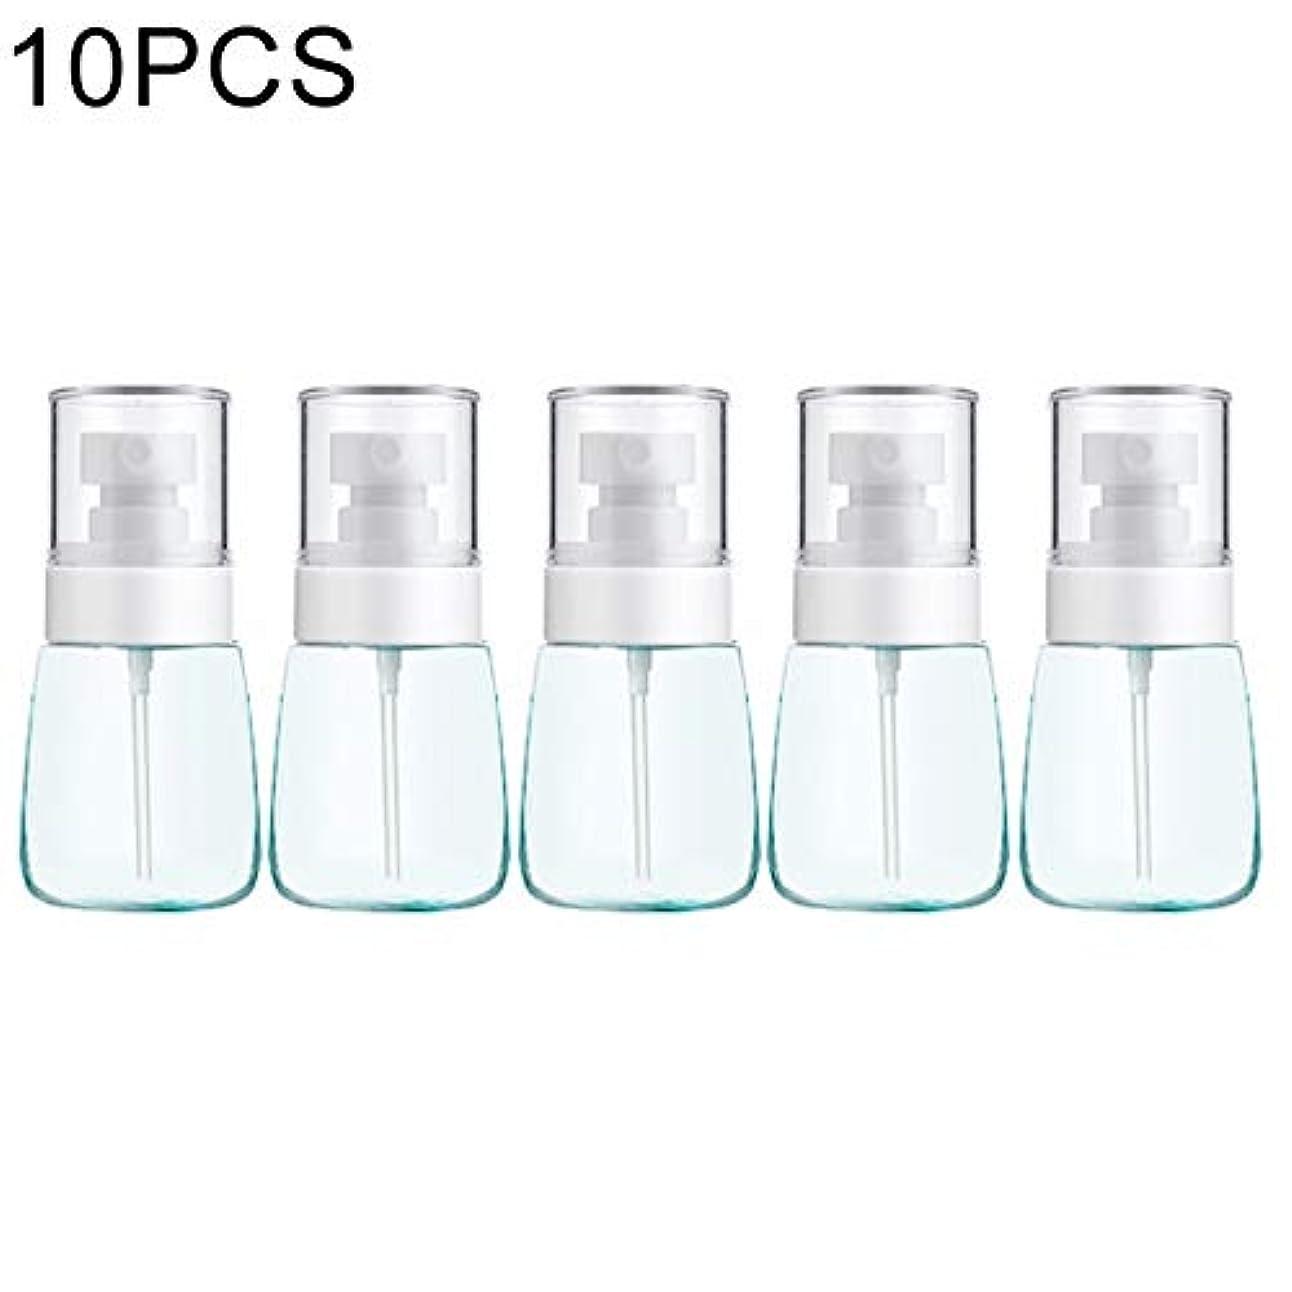 コースからかうロマンチックMEI1JIA QUELLIA 10 PCSポータブル詰め替えプラスチックファインミスト香水スプレーボトル透明な空のスプレースプレーボトル、30ミリリットル(ピンク) (色 : Blue)